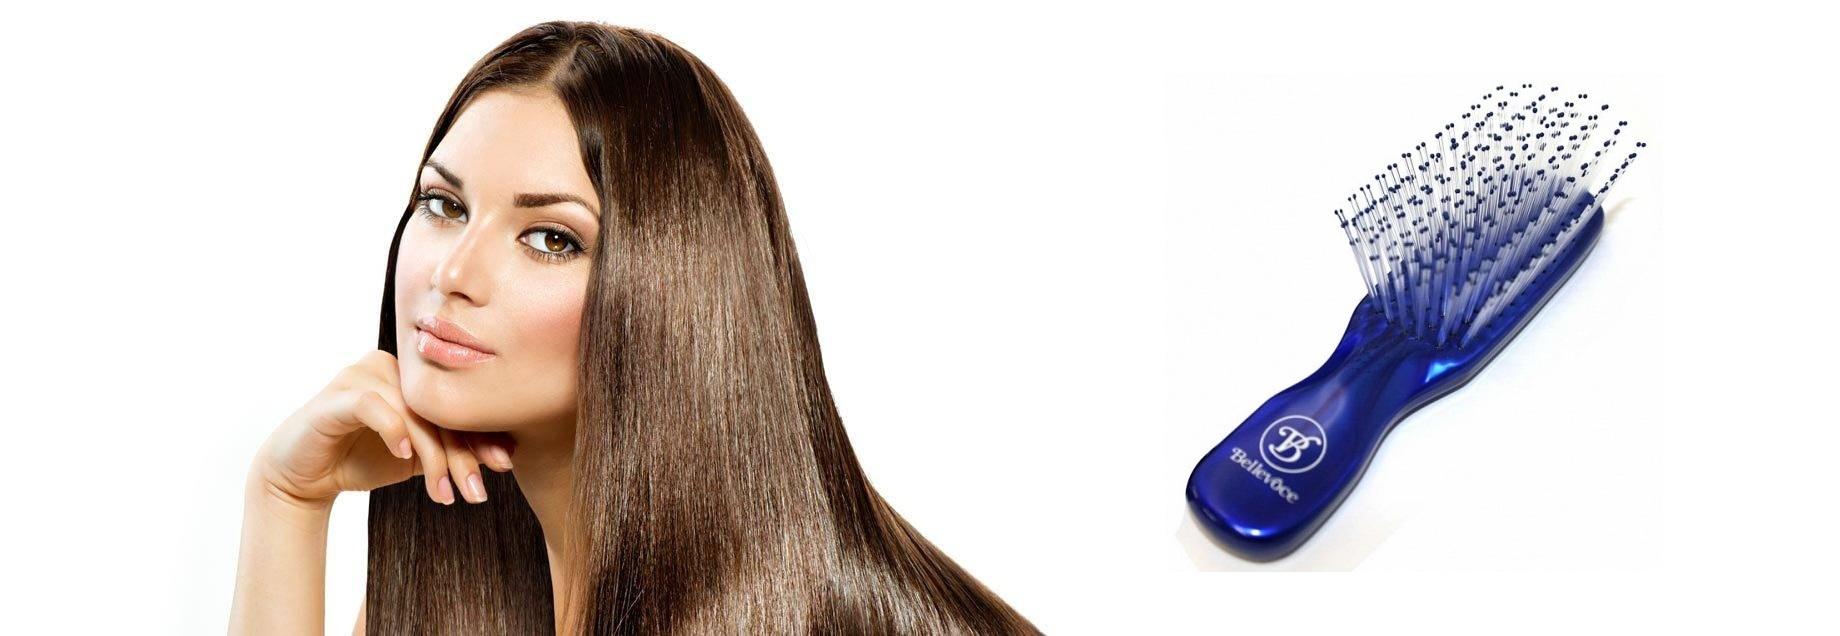 Запутанные как их волосы увлажнять сухие